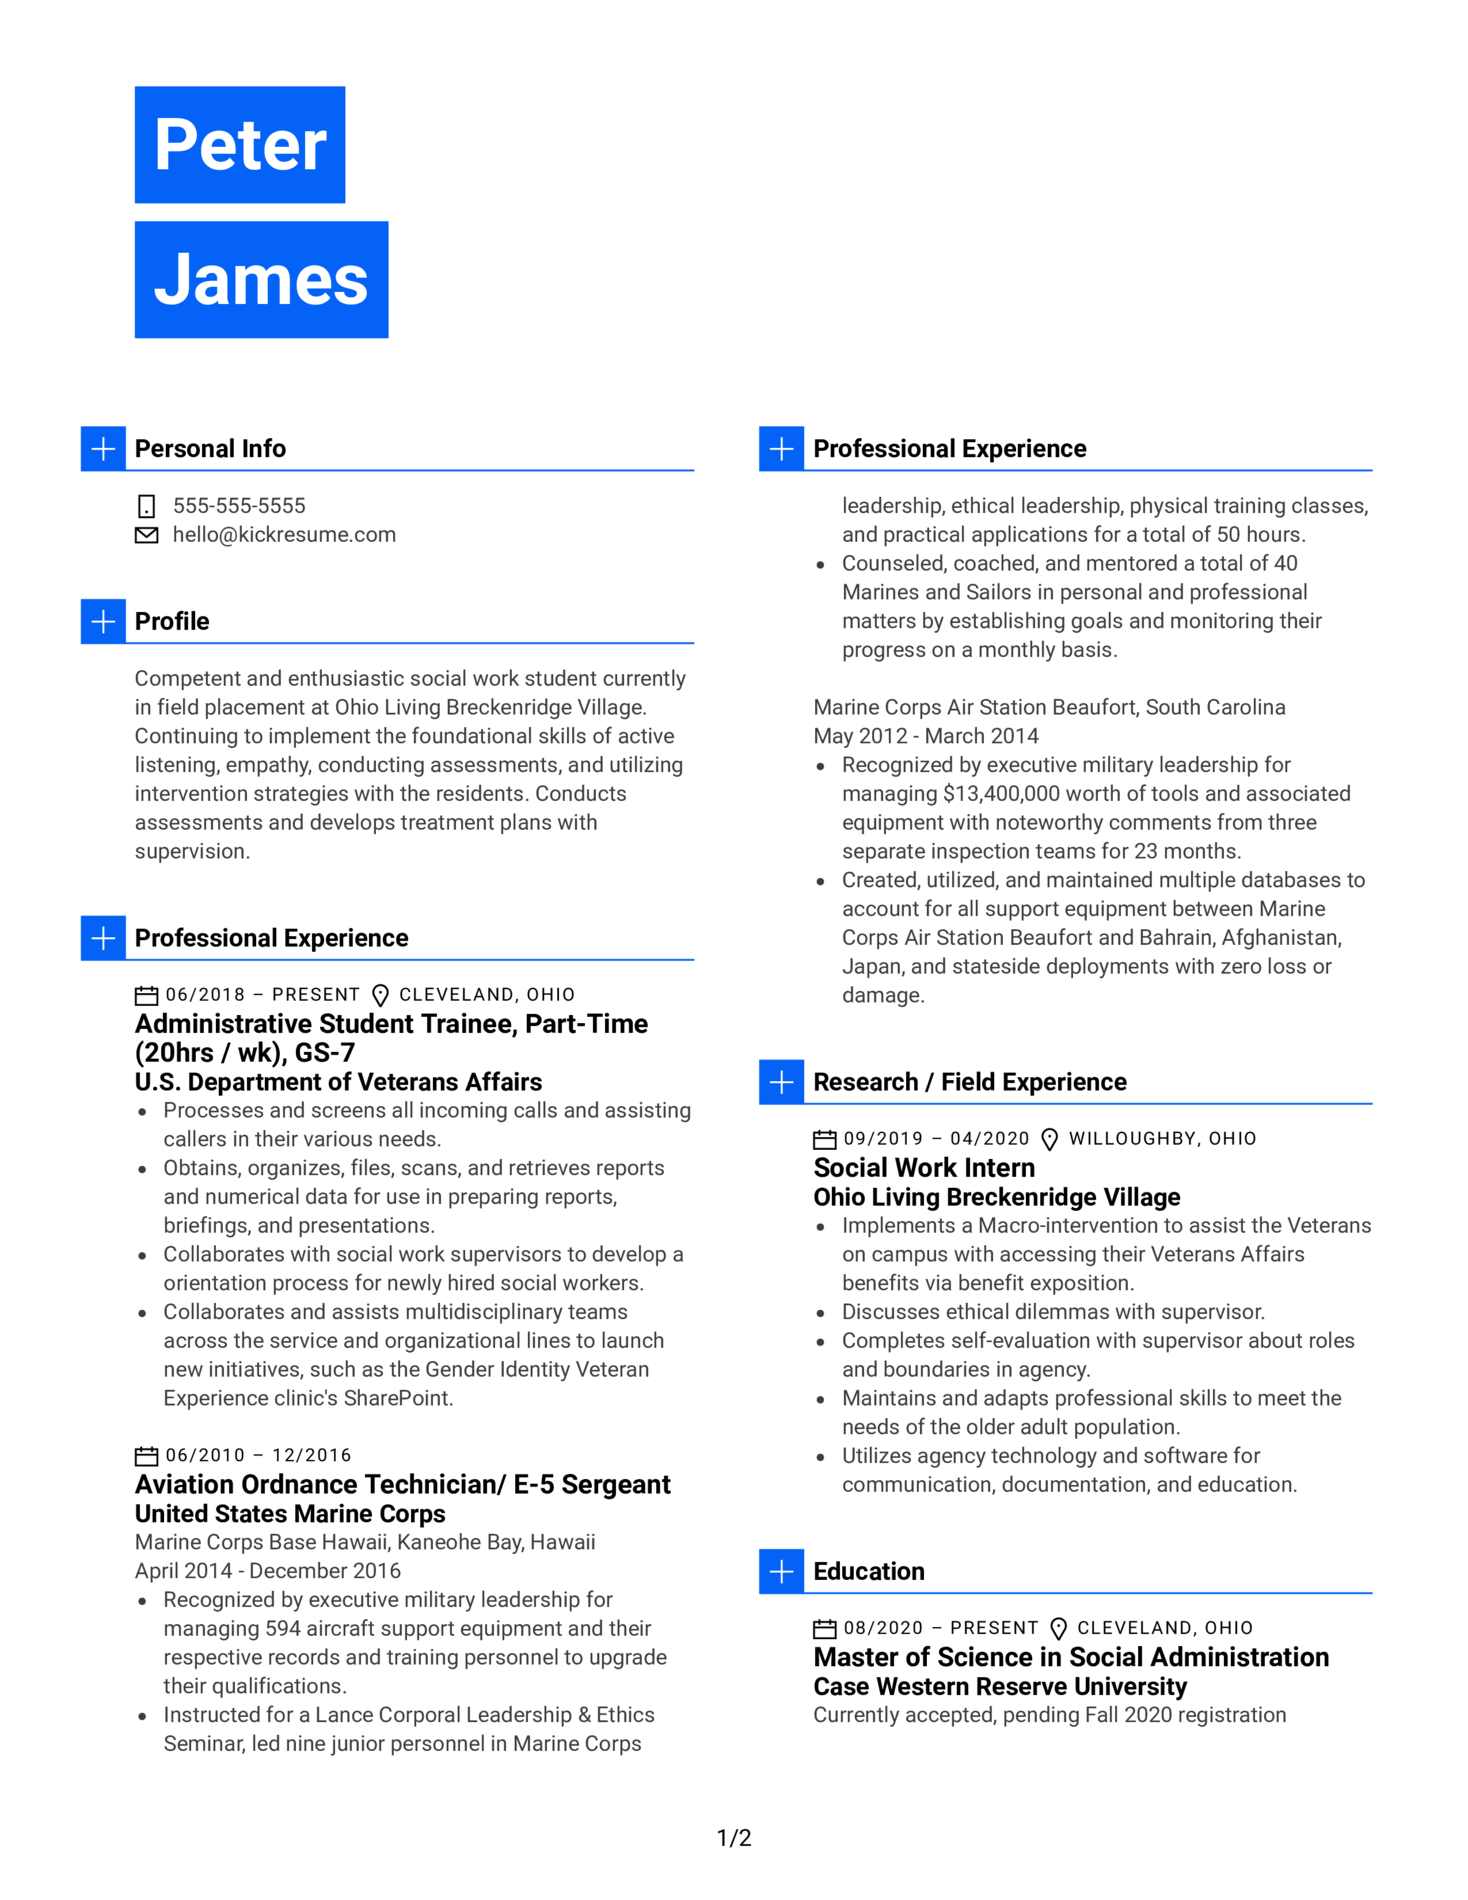 U.S. Department of Veterans Affairs Administrative Trainee Resume Example (parte 1)